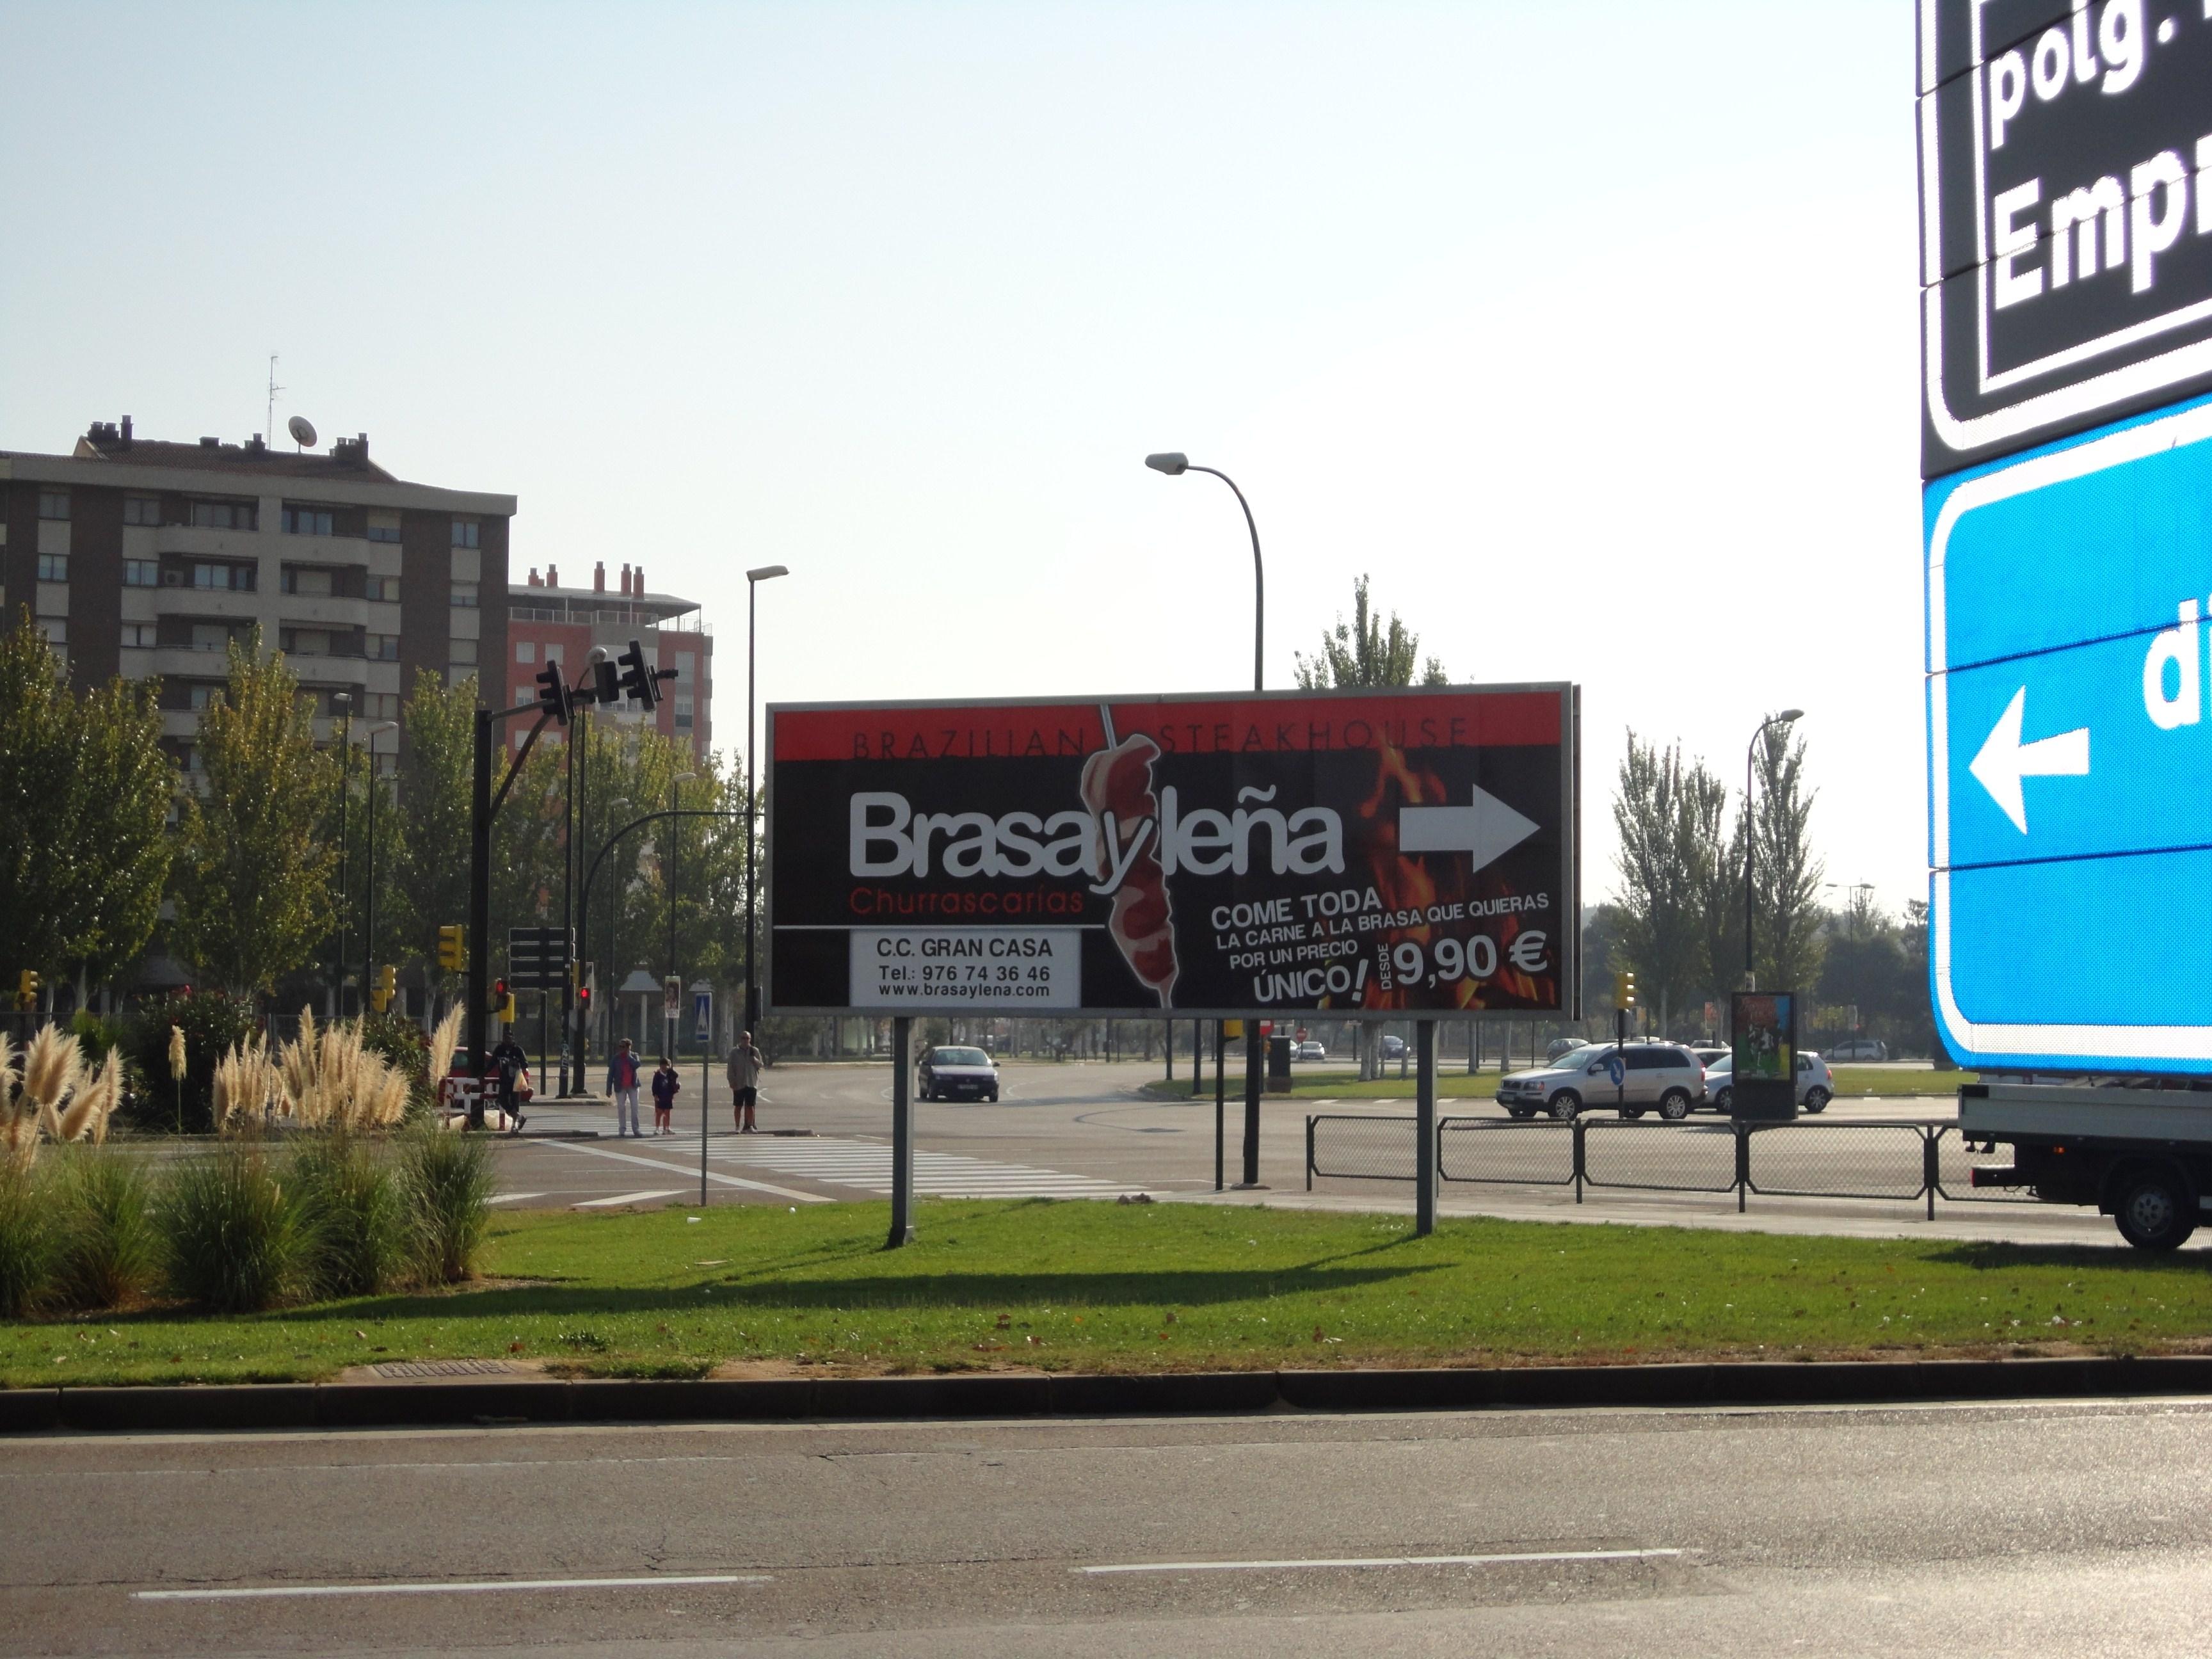 Valla de publicidad del restaurante de BRASAYLEÑA